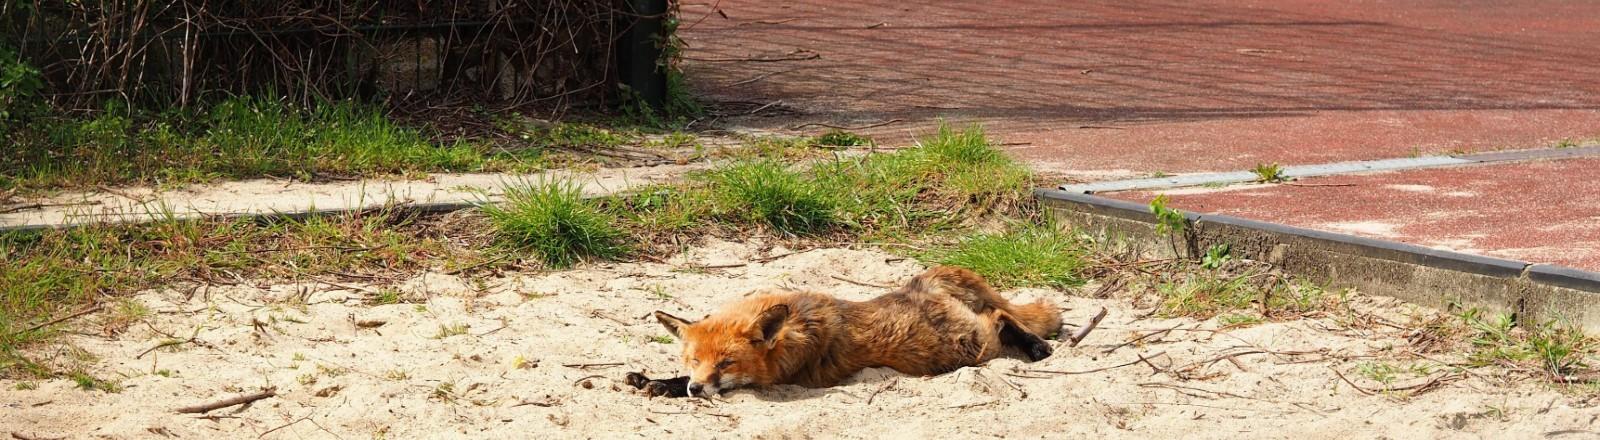 Ein Rotfuchs liegt in einem Sandkasten auf einem Spielplatz in der Stadt.